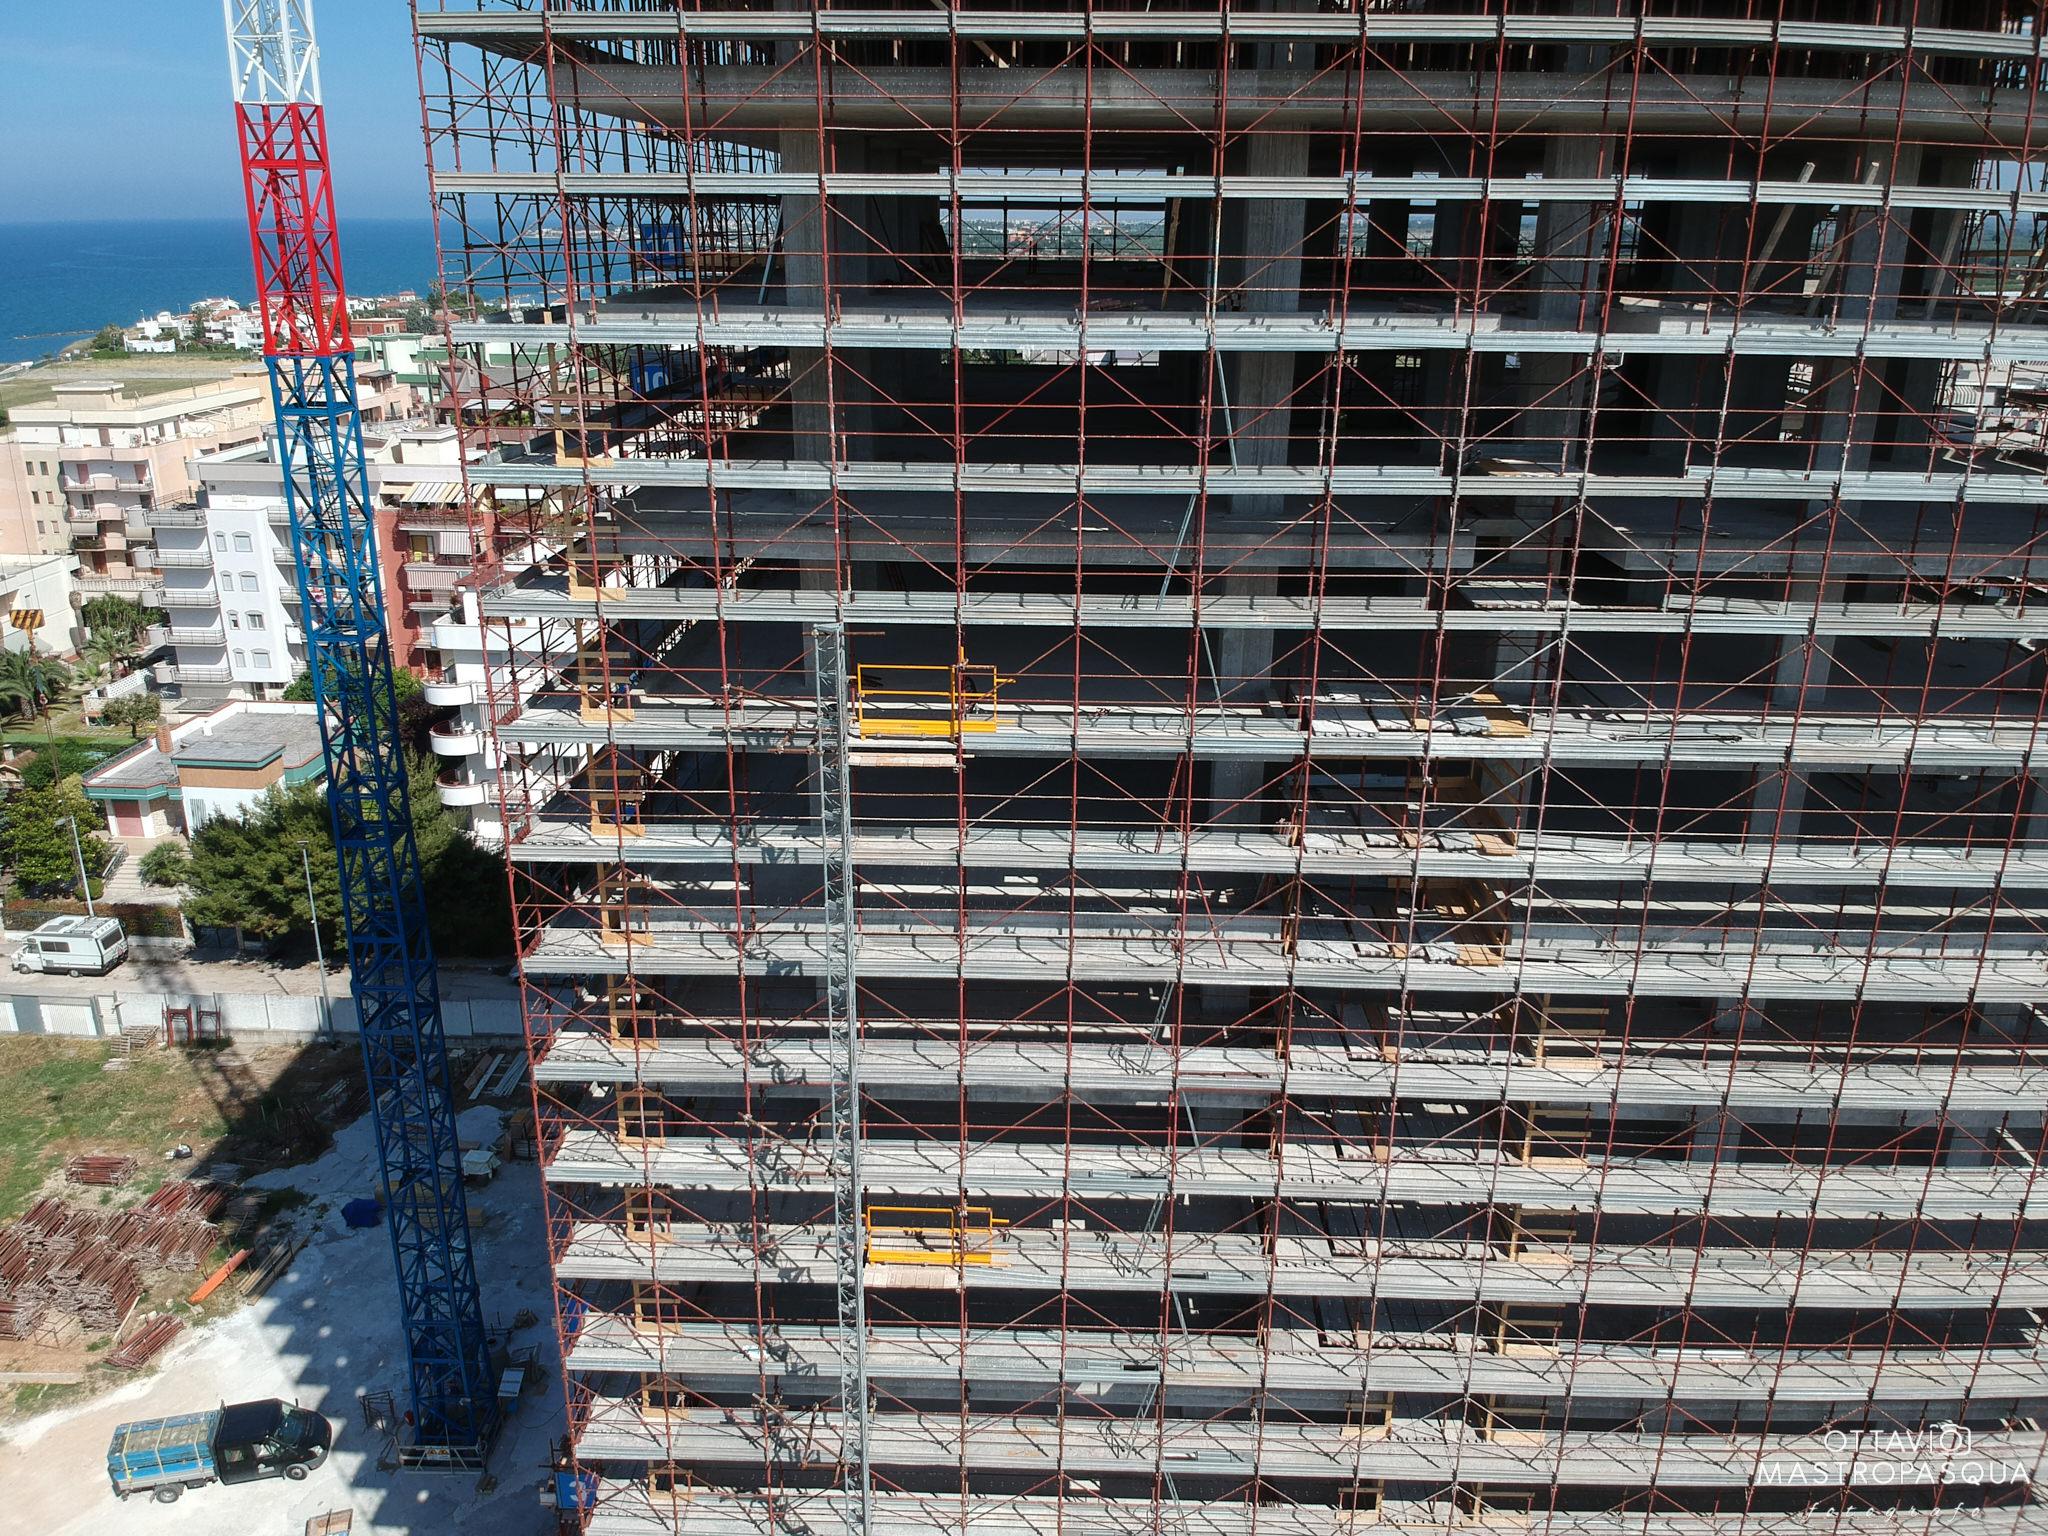 Pannelli Solari Termici Da Balcone drone work: di leo costruzioni srl - avproduction